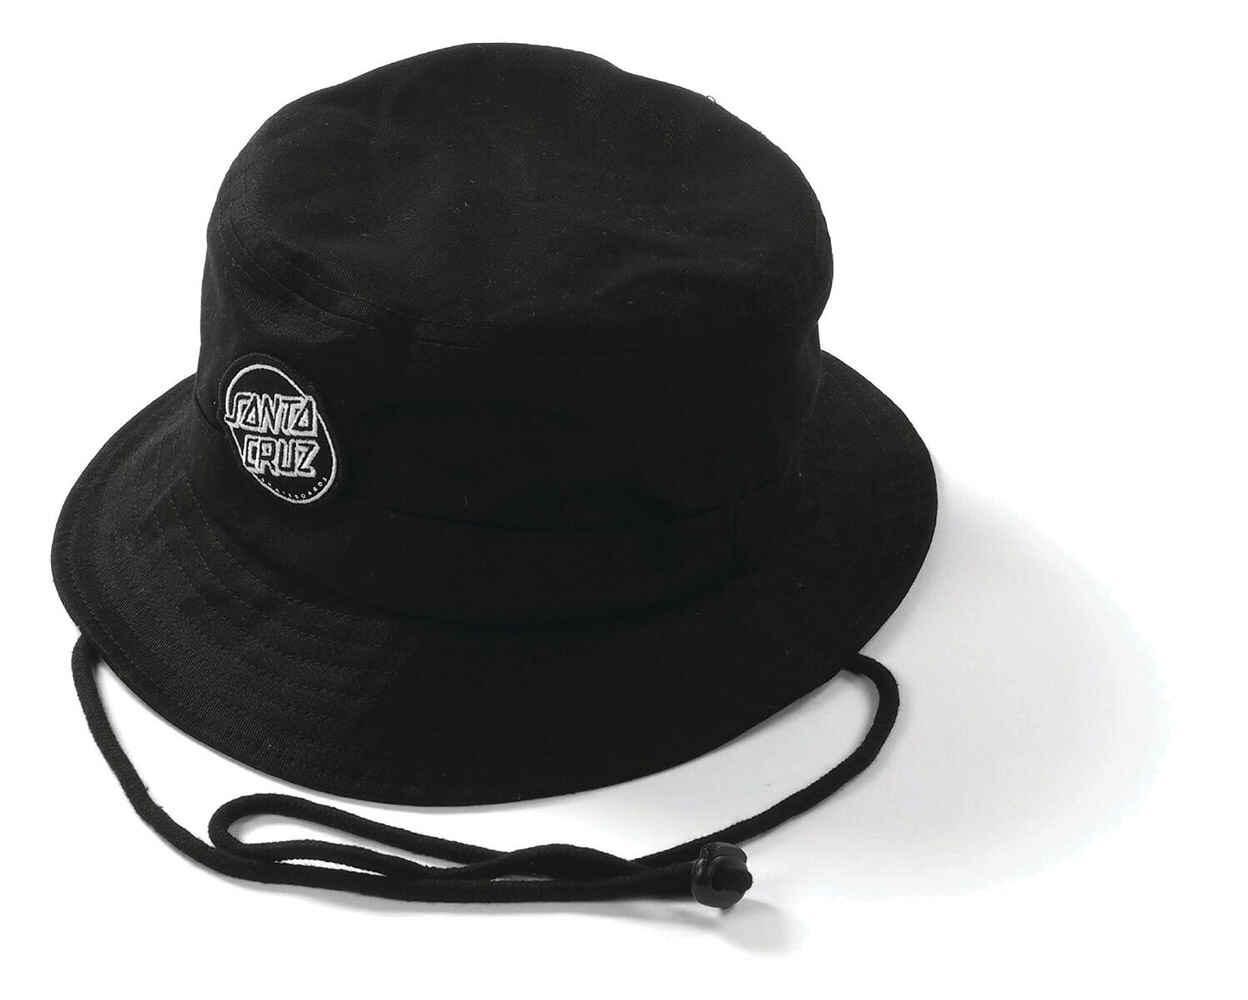 Santa Cruz Aptos 2 Bucket Hat Black Mens Accessories Sequence